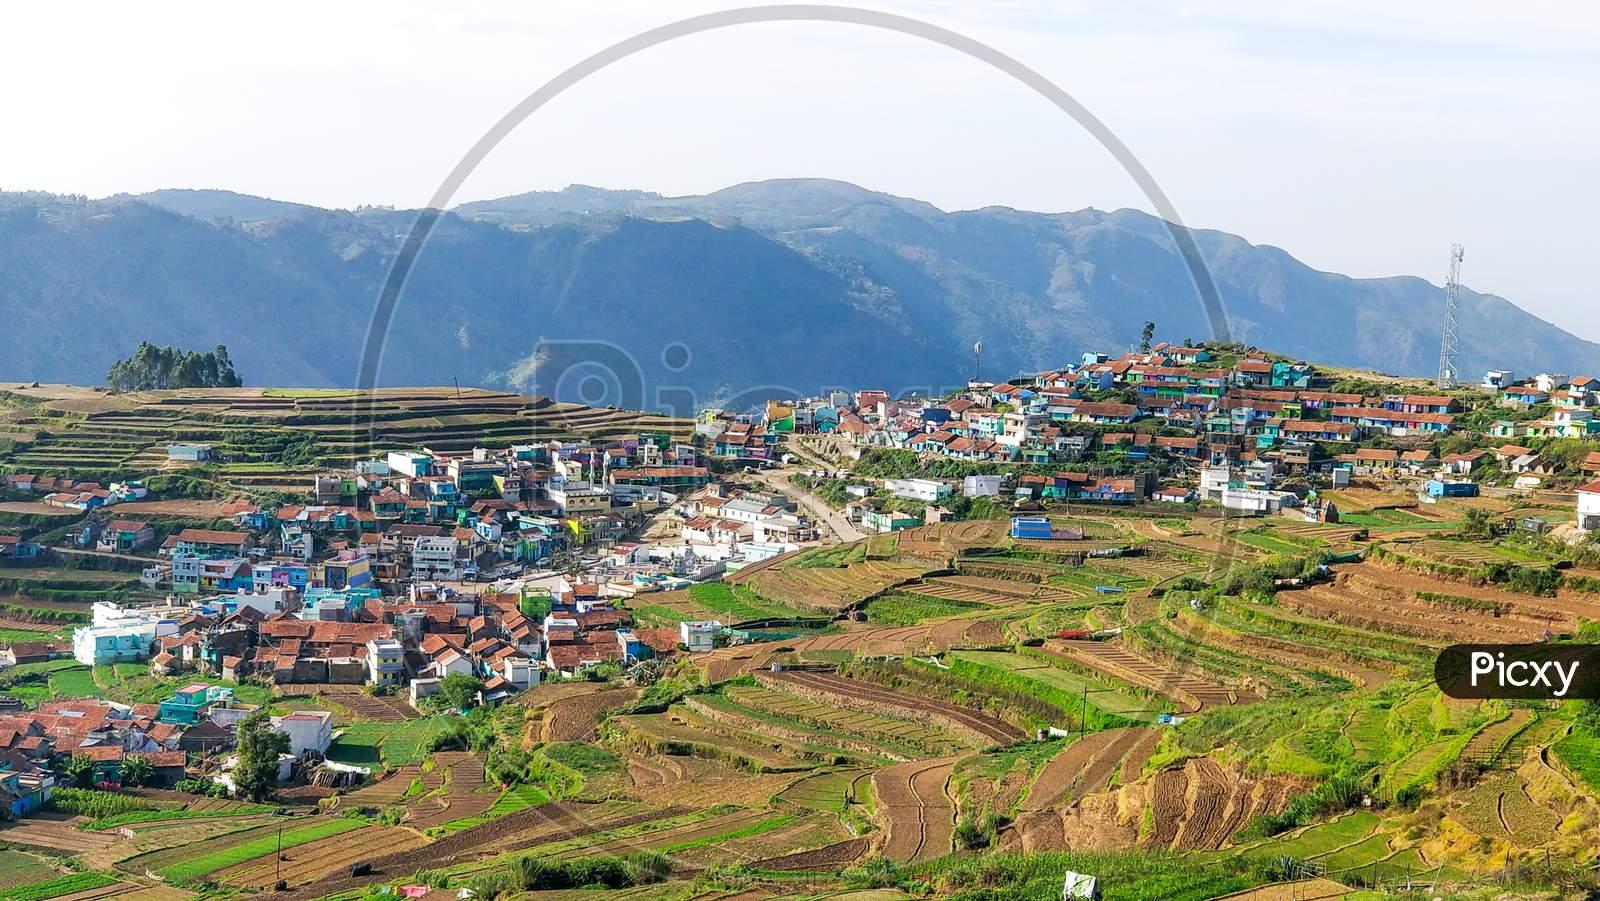 A Village On Terraced Fields